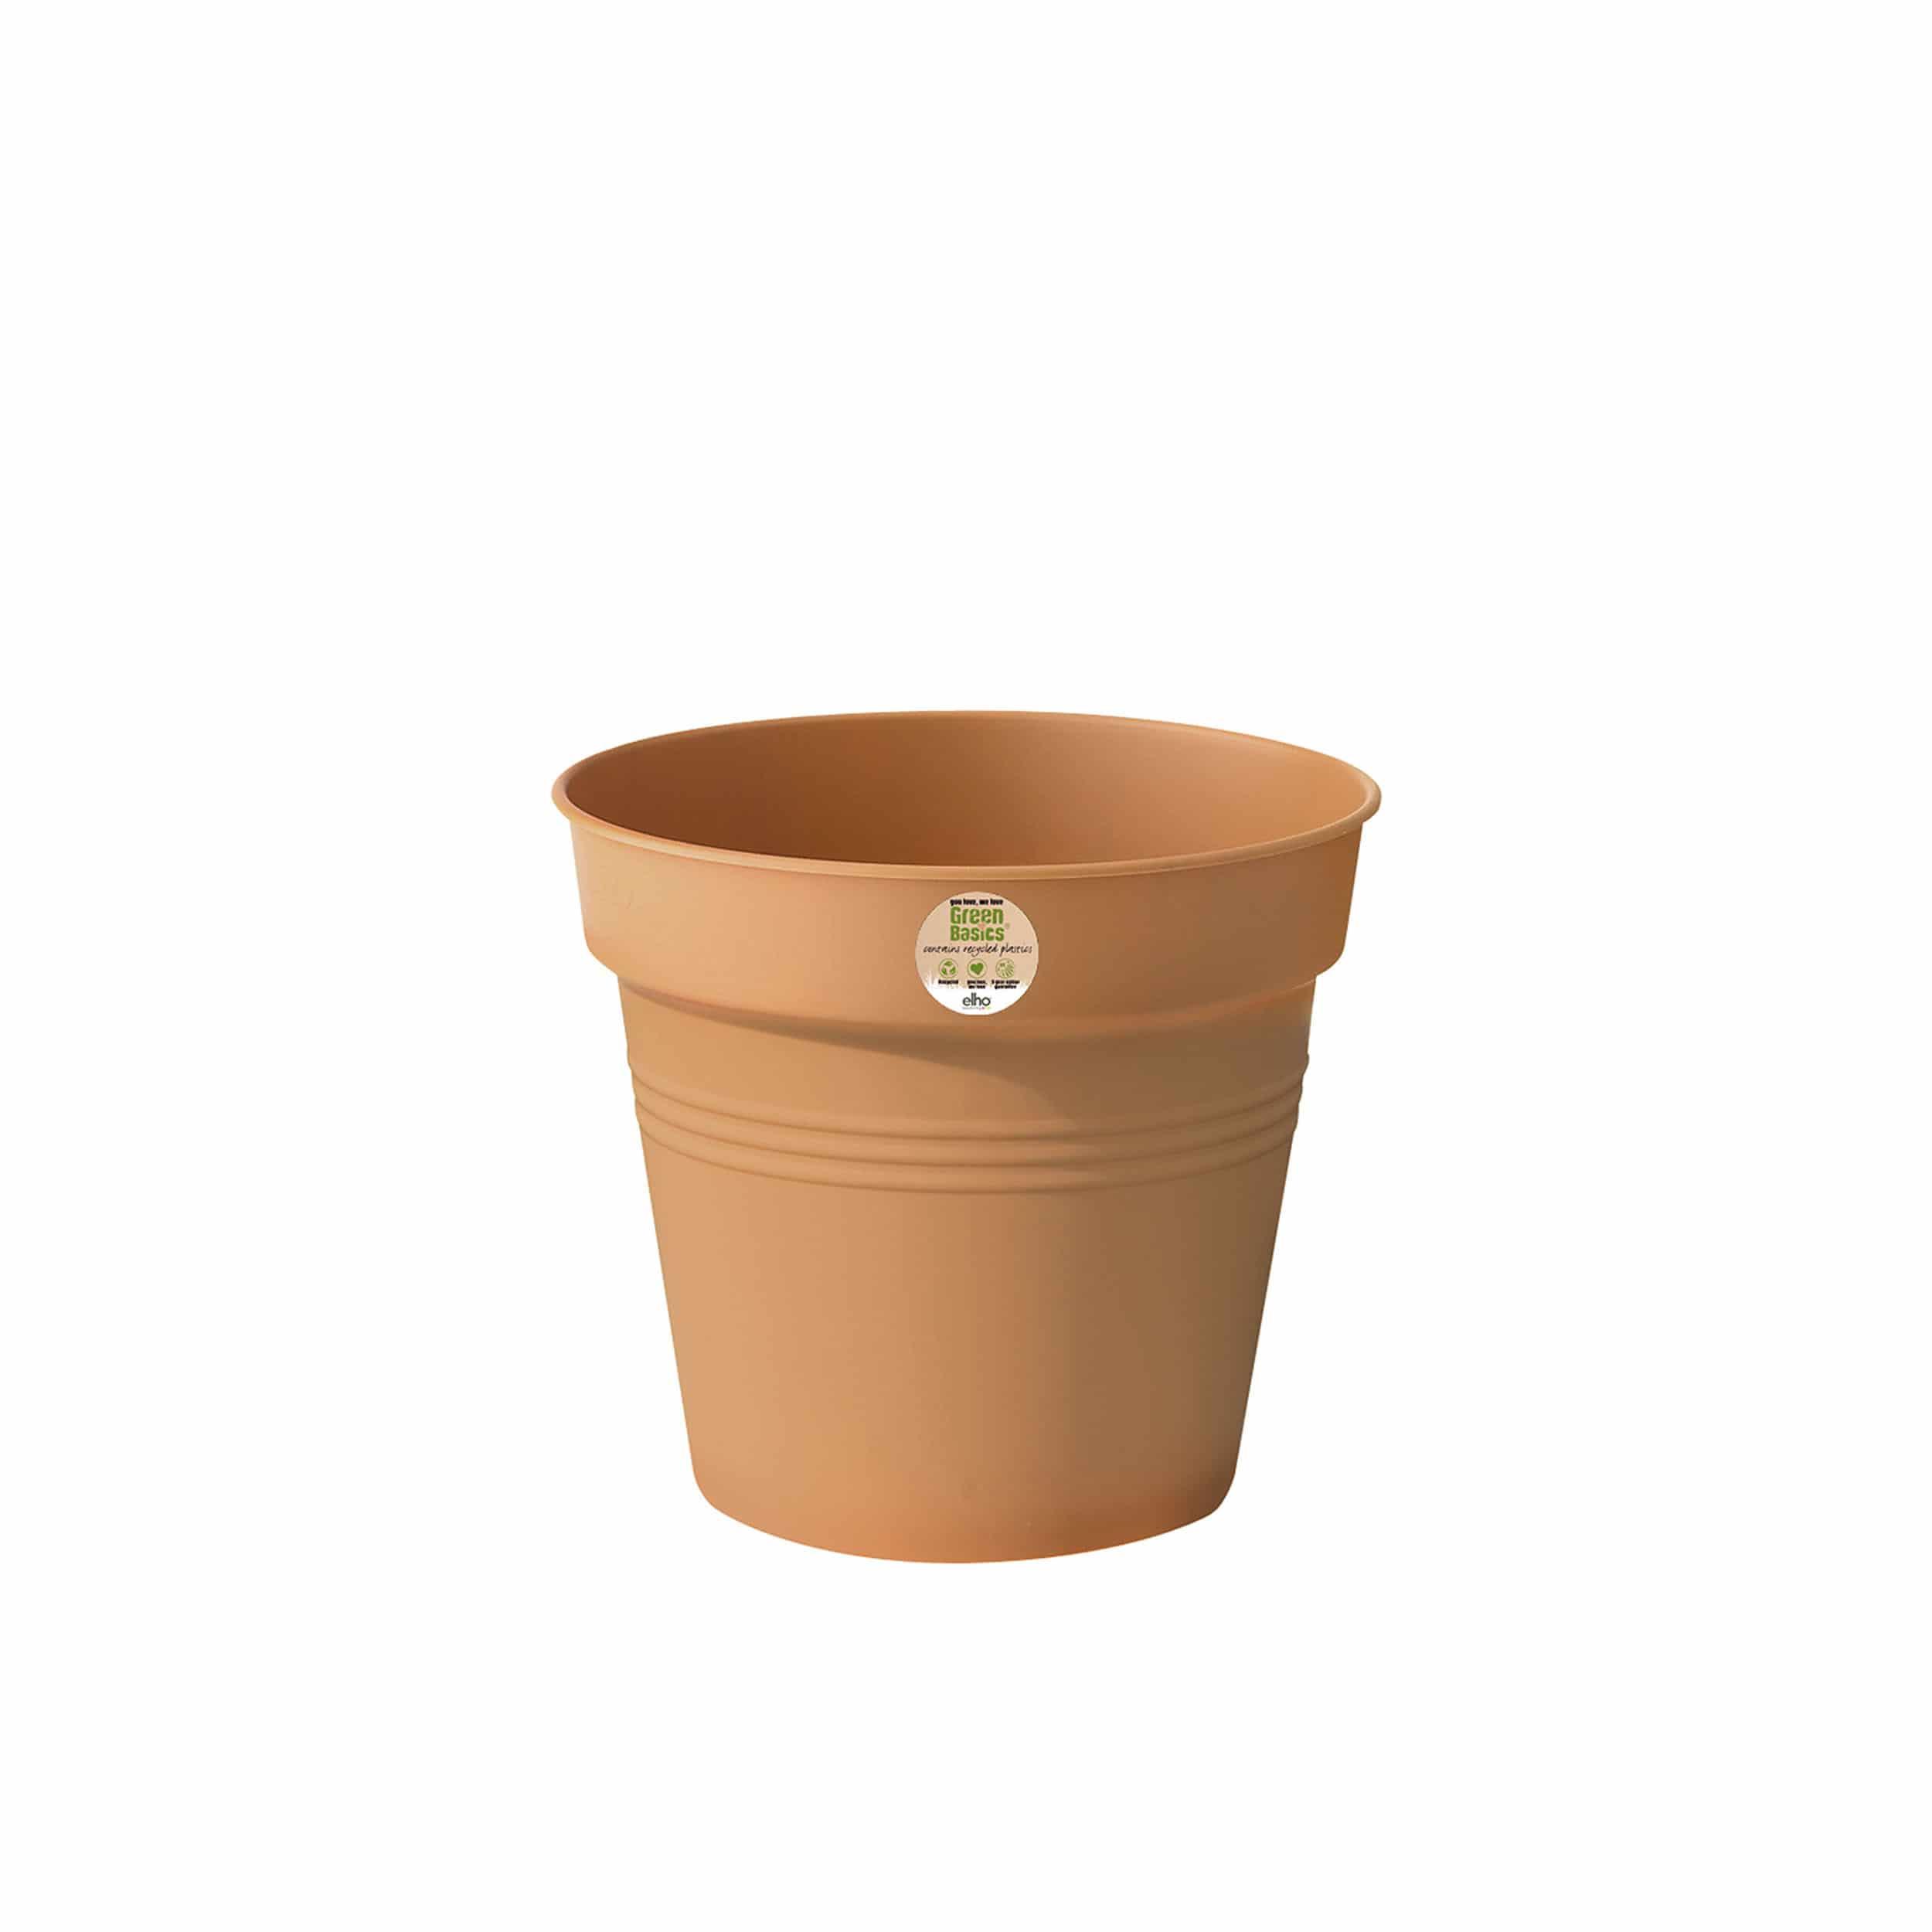 Anzuchttopf Green Basics D19cm terrakotta